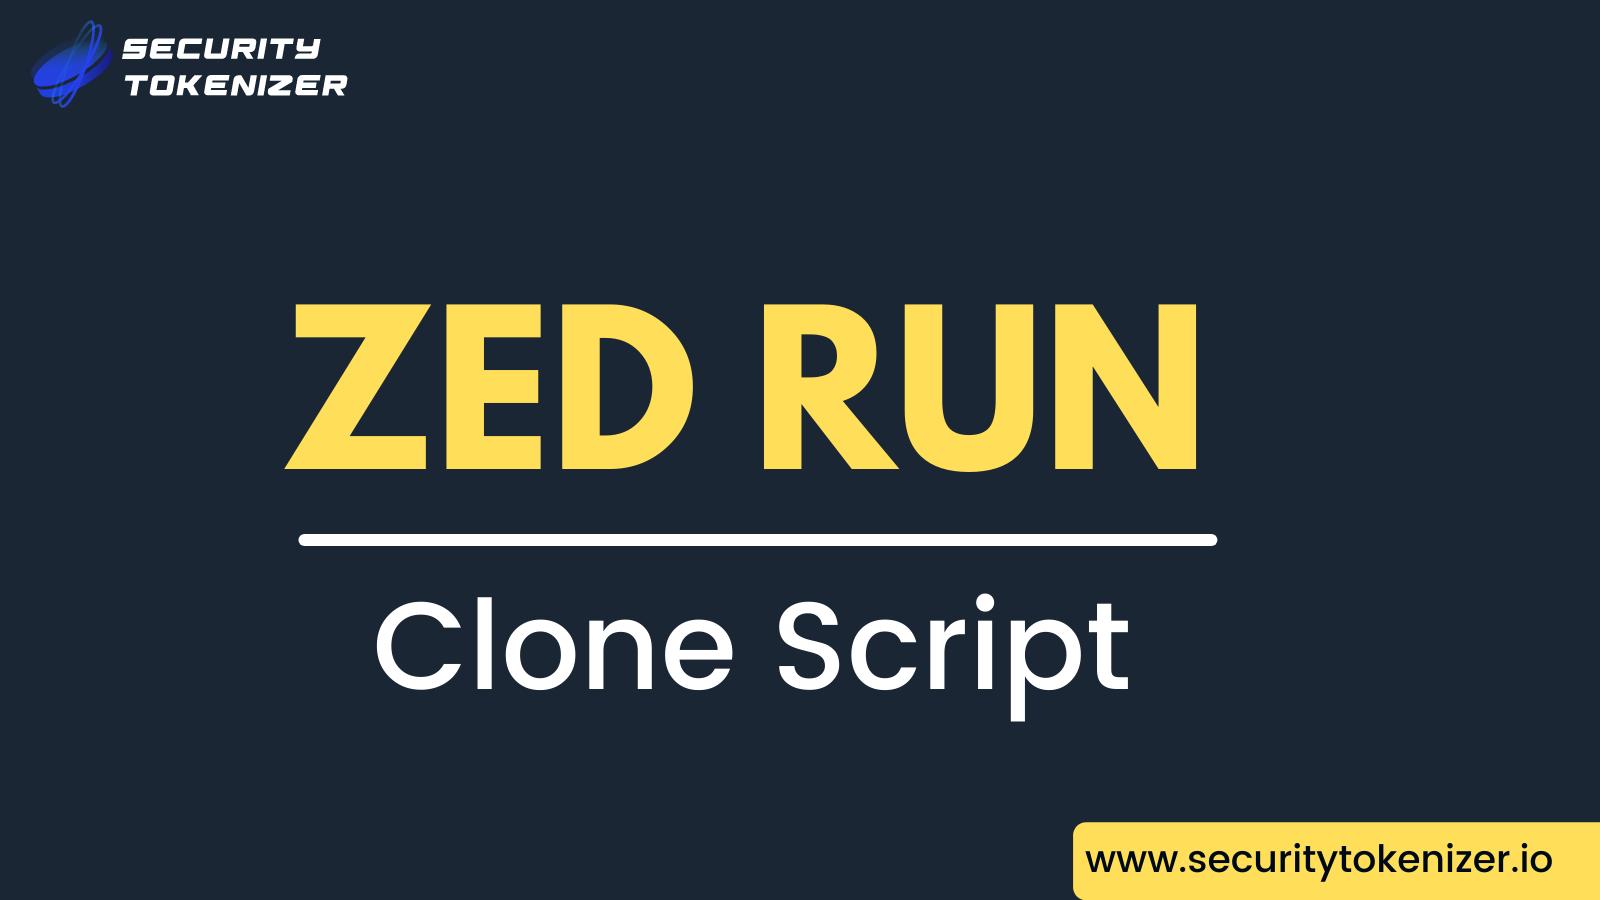 Zed Run Clone Script | Create Zed Run Clone | Launch Digital Horse Racing Game like Zed Run